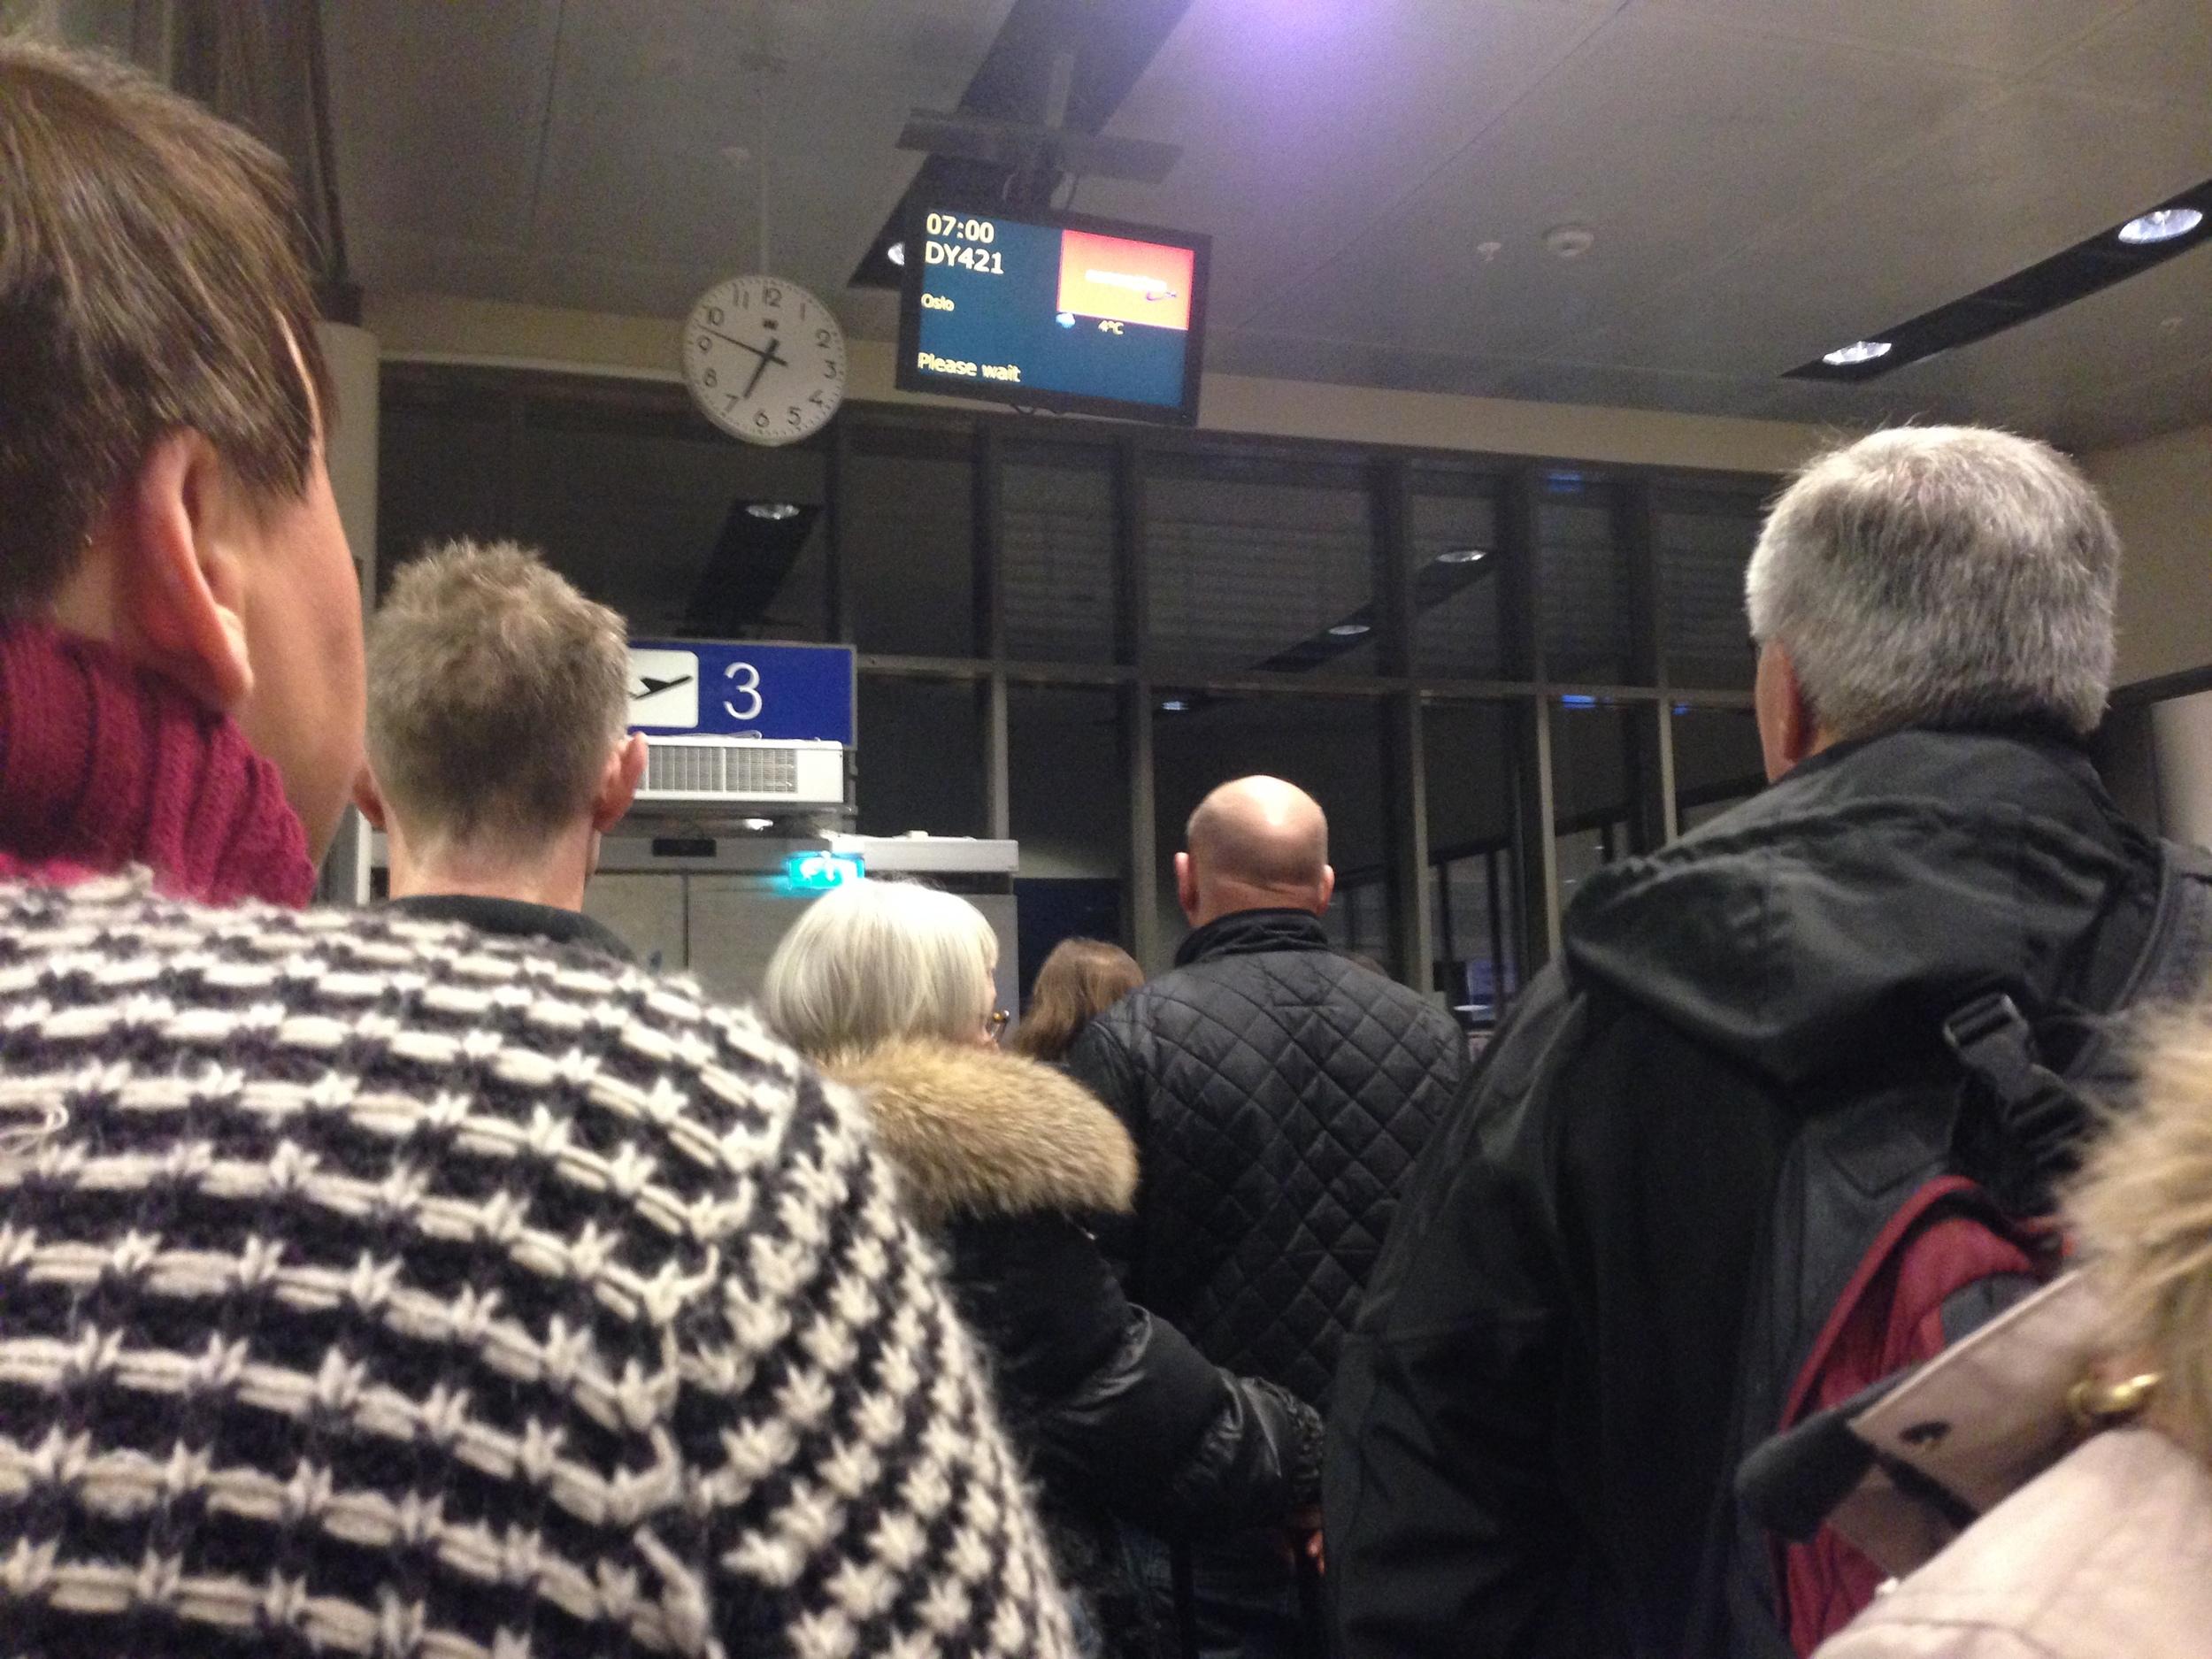 Unødvendig frustrasjon. Når du venter, venter og venter. Både på flyet - og informasjonen. Foto: Odd Roar Lange